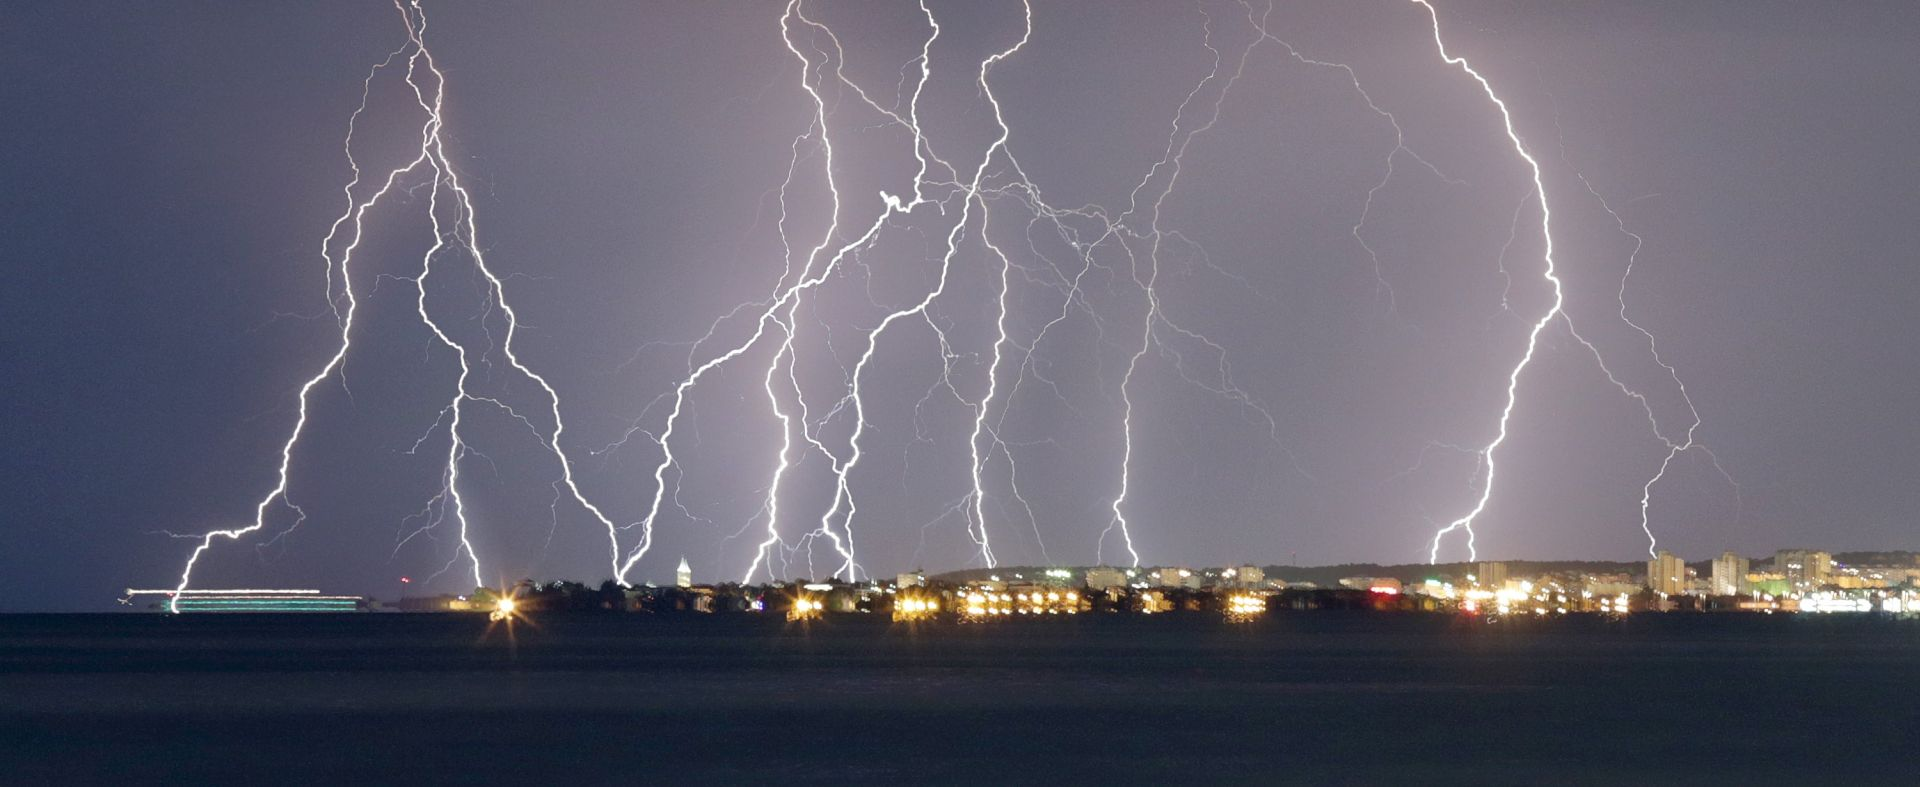 NOVA PROMJENA VREMENA: Sutra se očekuje osjetno zahladnjenje, grmljavinski pljuskovi i olujni vjetar